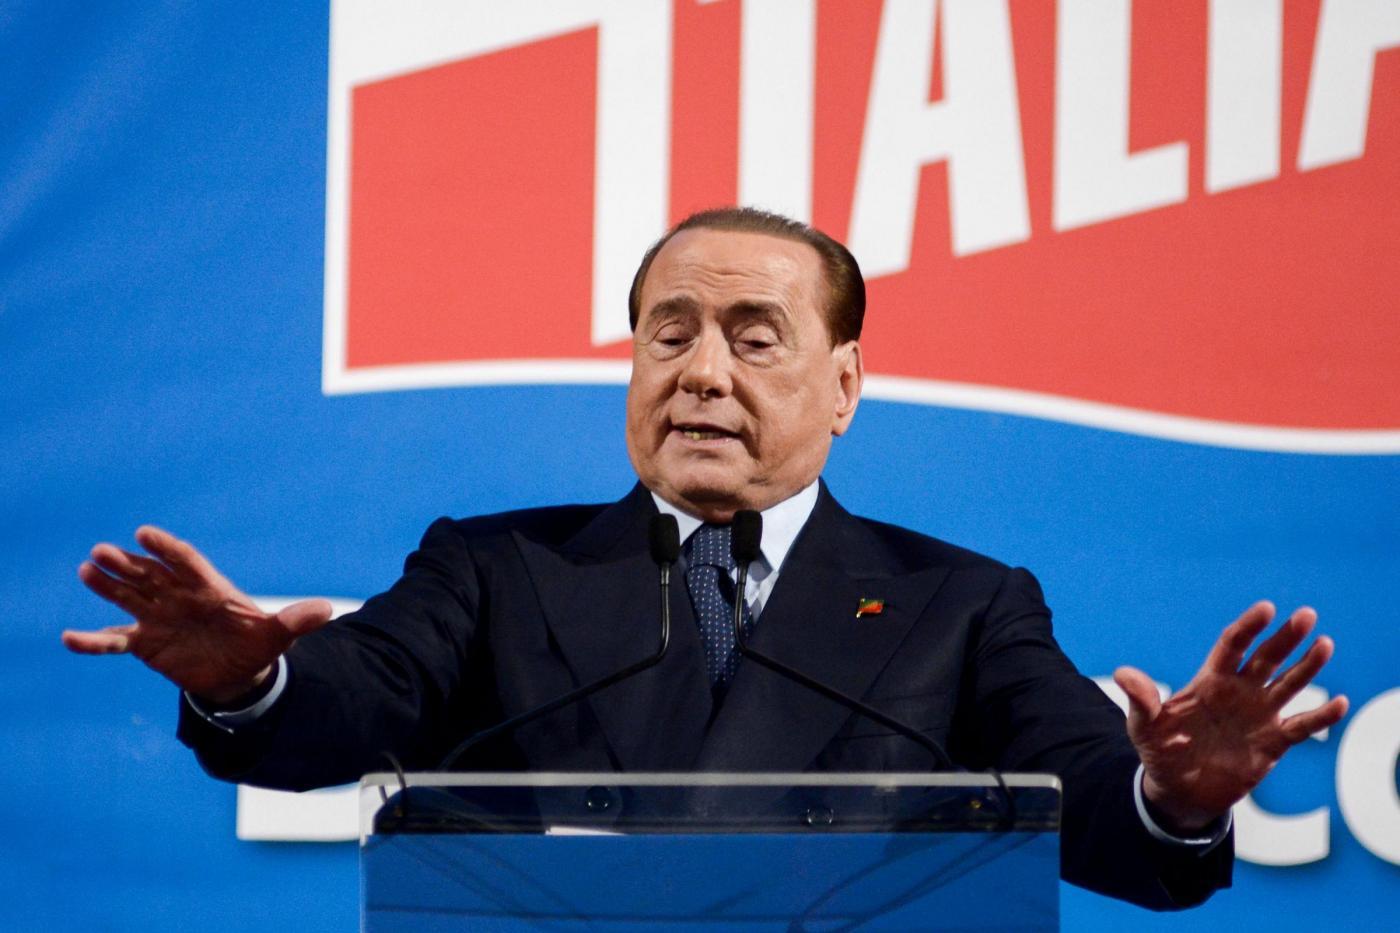 Silvio Berlusconi: 'Non mi aspettavo tanta durezza dai miei alleati'